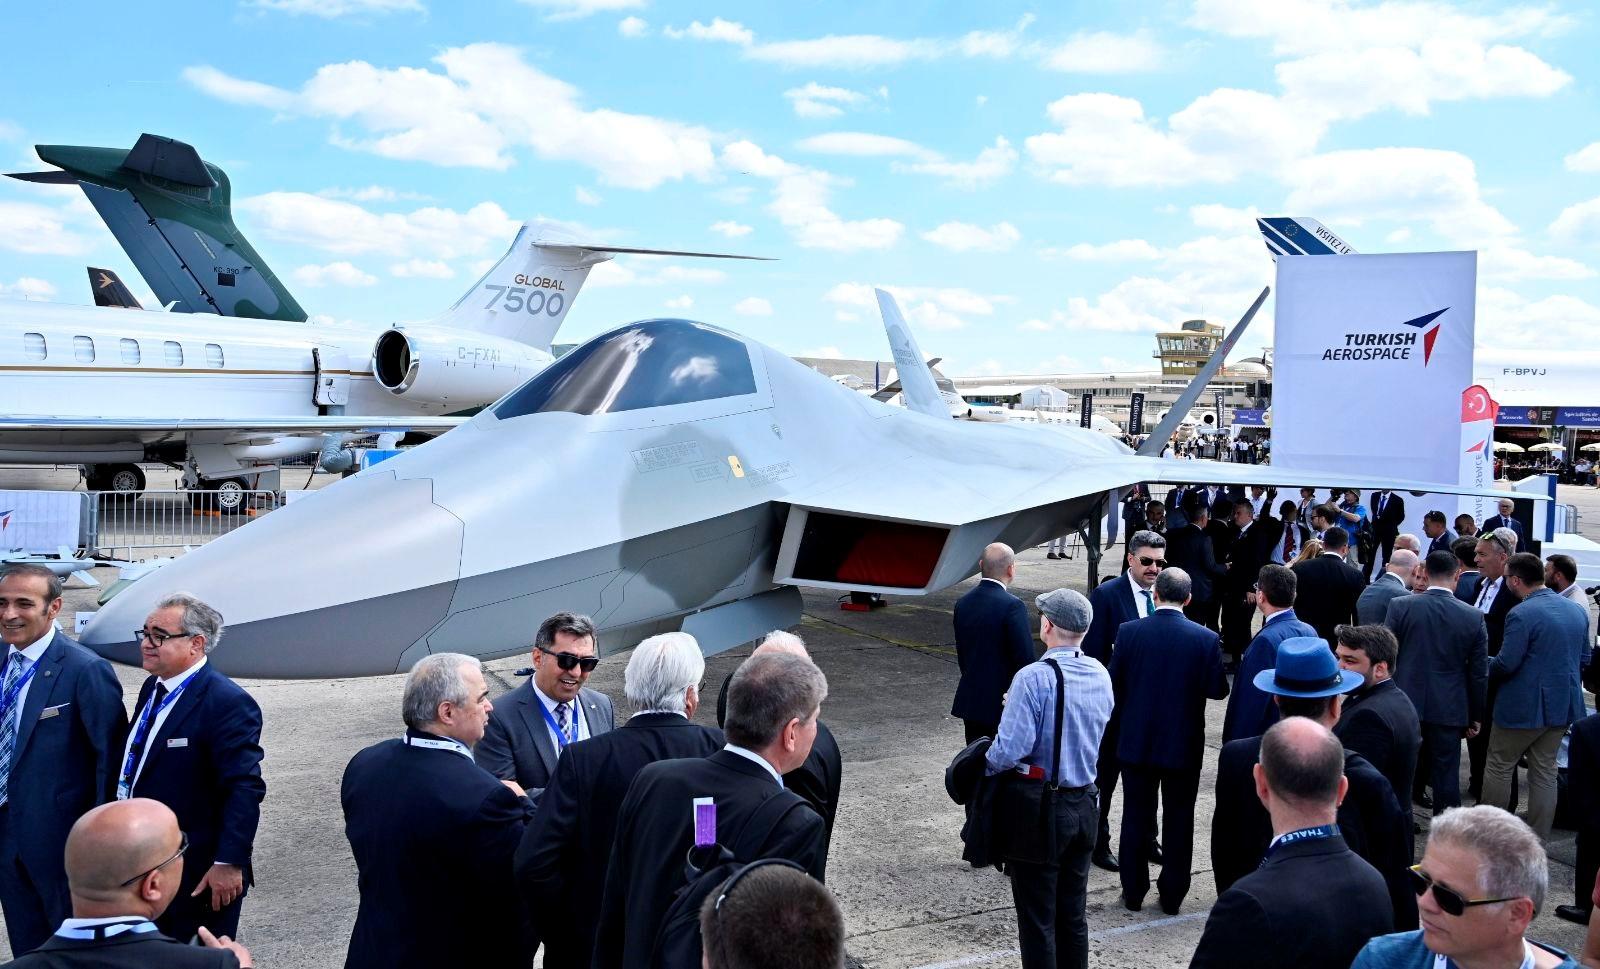 Savaş uçağı projesi ile Hava Kuvvetleri Komutanlığı envanterindeki F-16'ların yerini alacak modern savaş uçakları üretilmesi hedefleniyor.